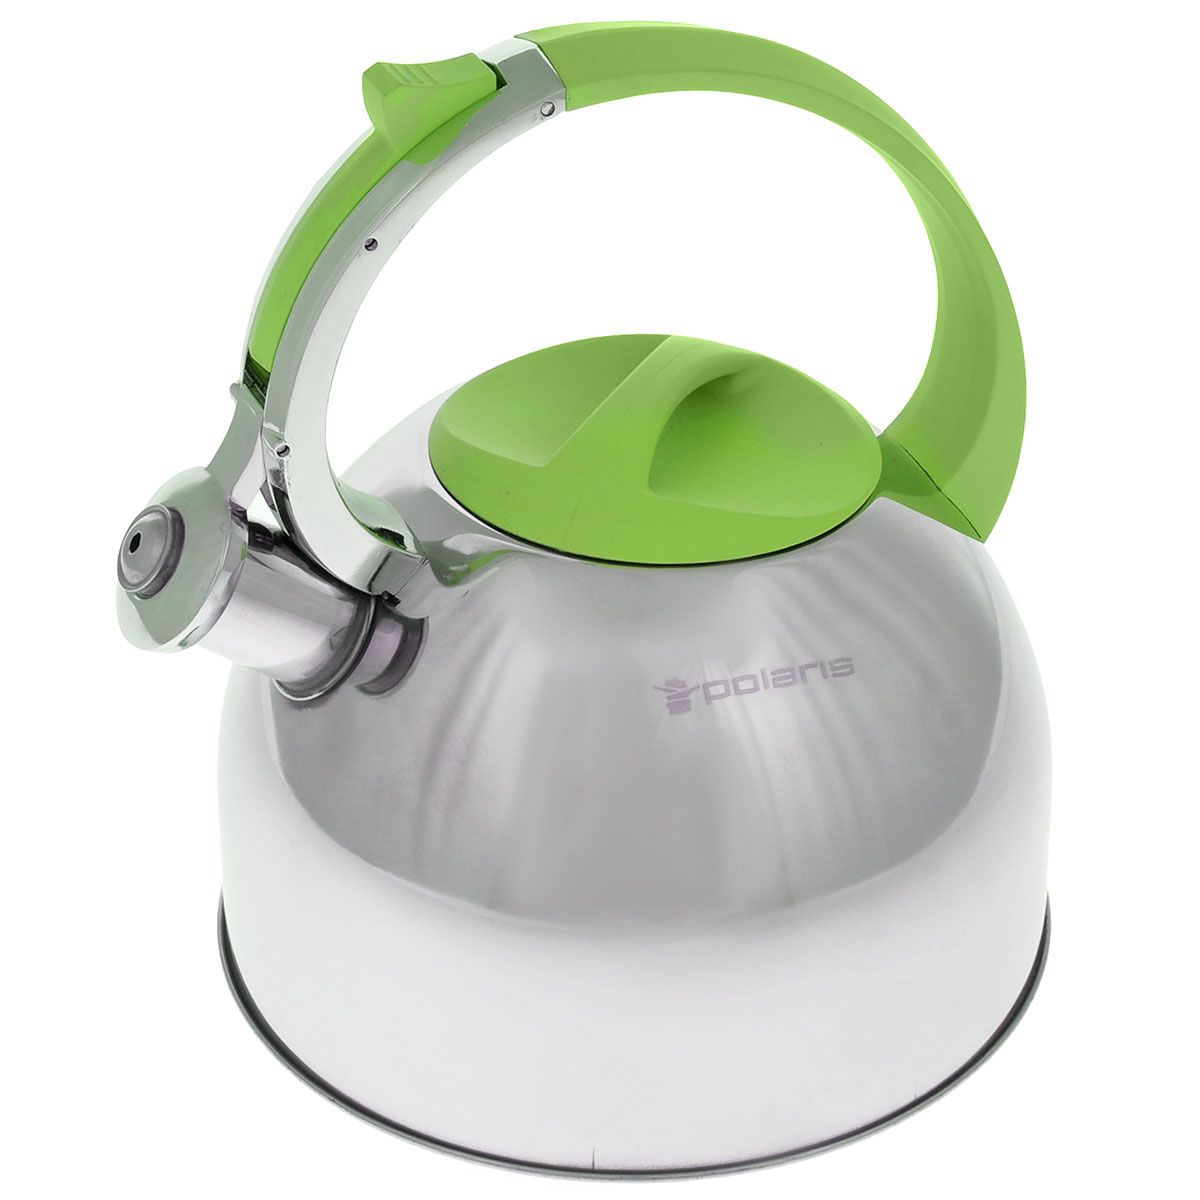 Чайник Polaris Sound со свистком, цвет: салатовый, 3 л115510Чайник Polaris Sound изготовлен из высококачественной нержавеющей стали 18/10. Съемная крышка позволяет легко наполнить чайник водой и обеспечить доступ для мытья. Чайник оповещает о вскипании мелодичным свистом. Клапан на носике открывается нажатием кнопки на ручке. Эргономичная ручка выполнена из бакелита с покрытием Soft touch, не нагревается и не скользит в руке.Зеркальная полировка придает посуде эстетичный вид.Подходит для всех типов плит, в том числе для индукционных.Высота стенок чайника: 14 см.Высота чайника (с учетом ручки): 24,5 см.